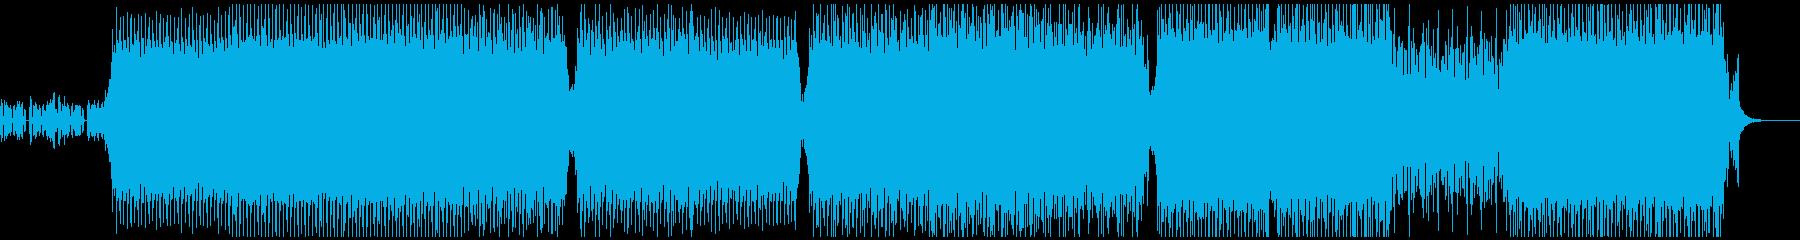 激しいビートがやかましい、ハードテクノの再生済みの波形